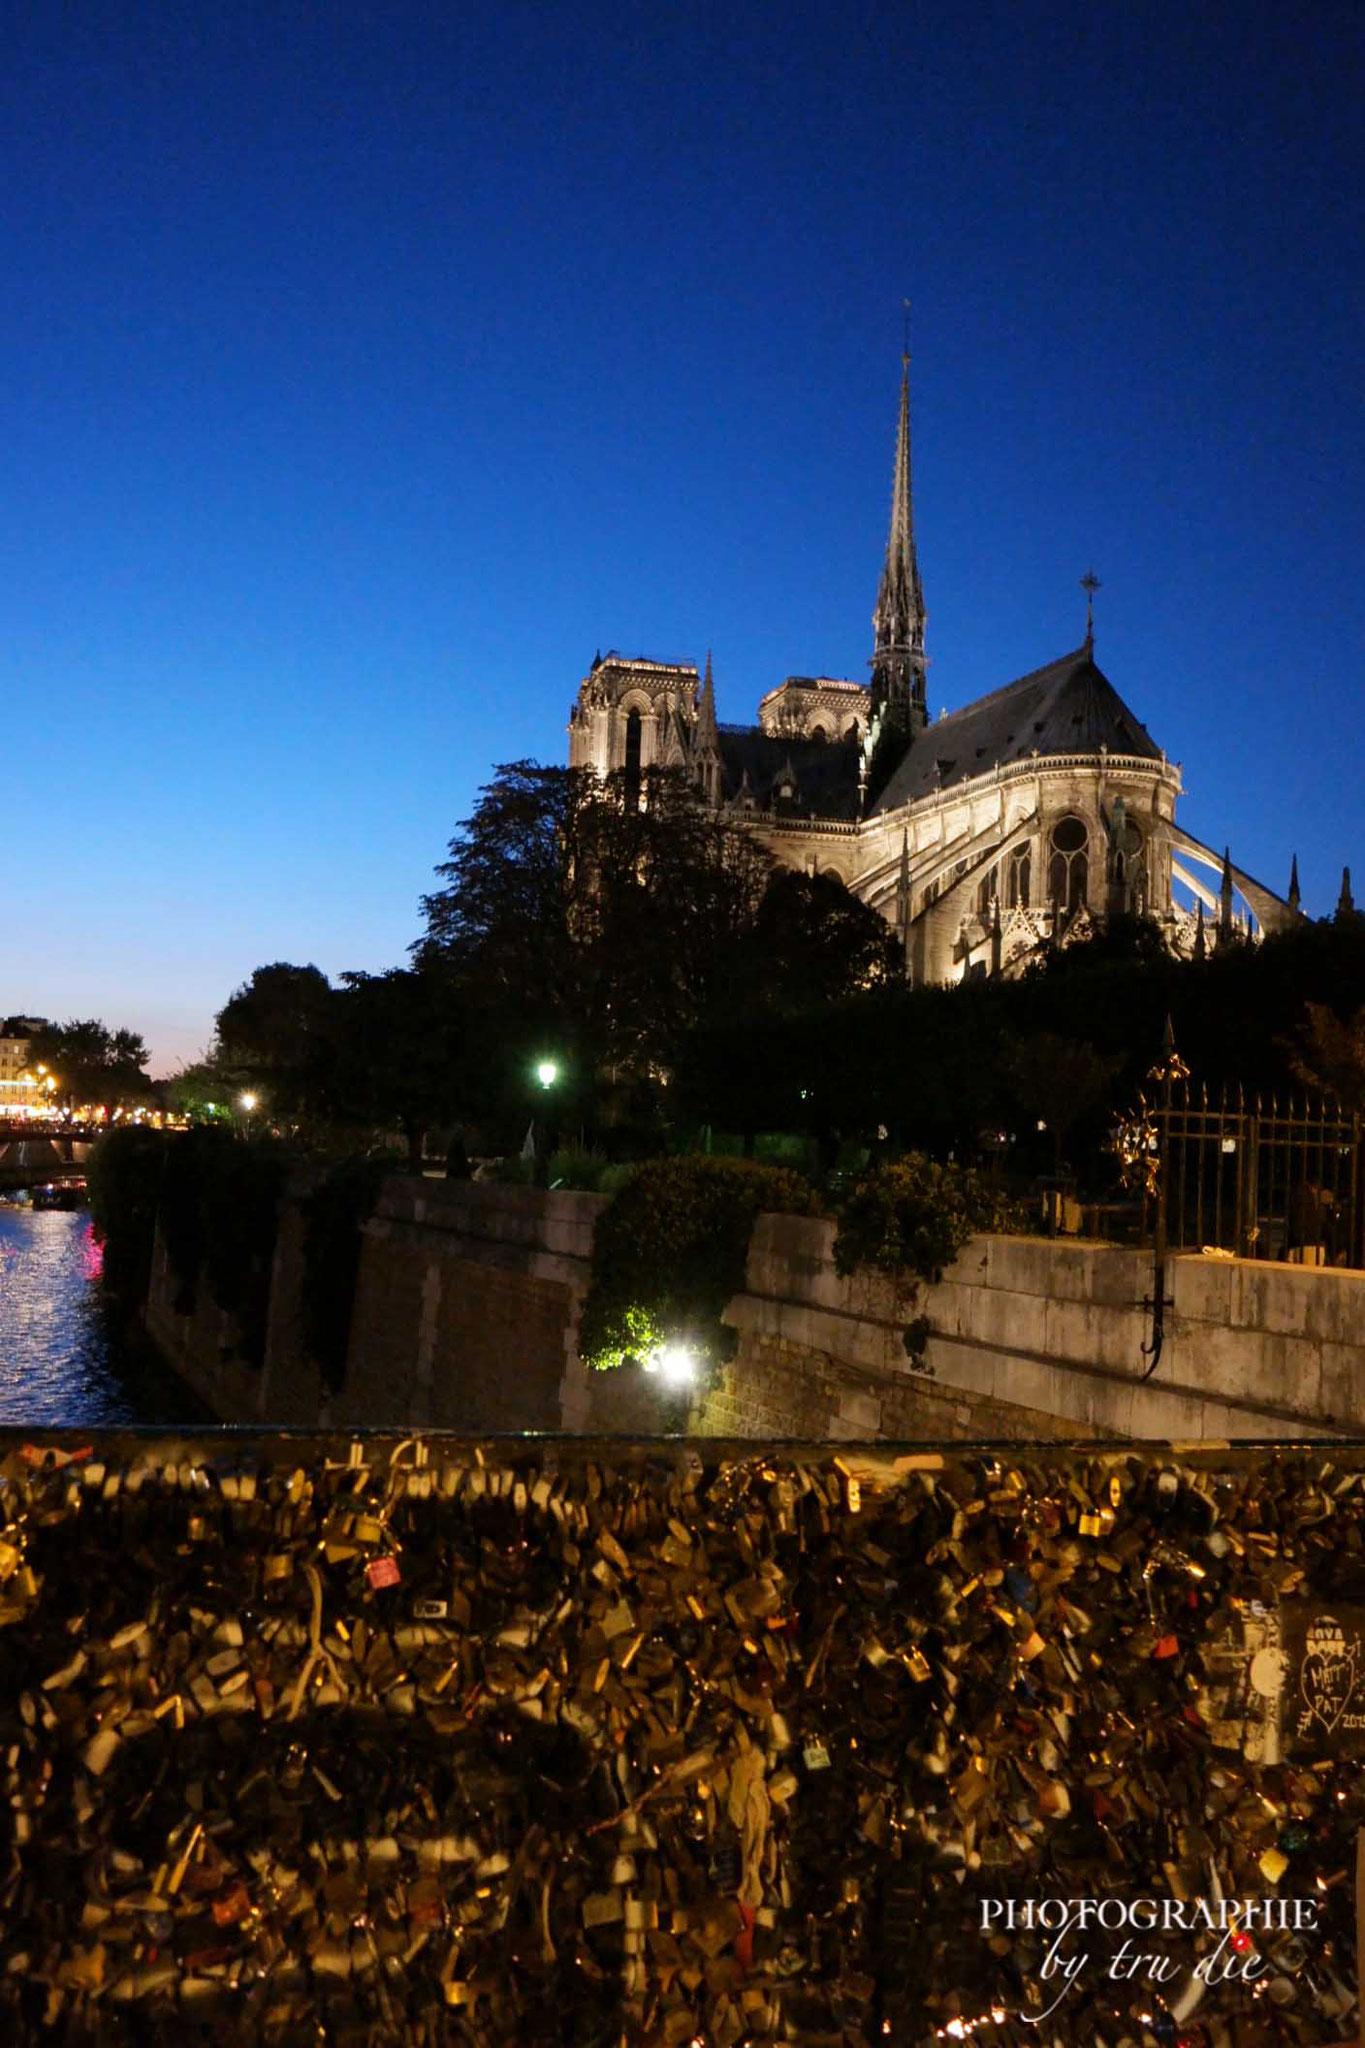 Bild: Pont de l'Archevêché am Abend